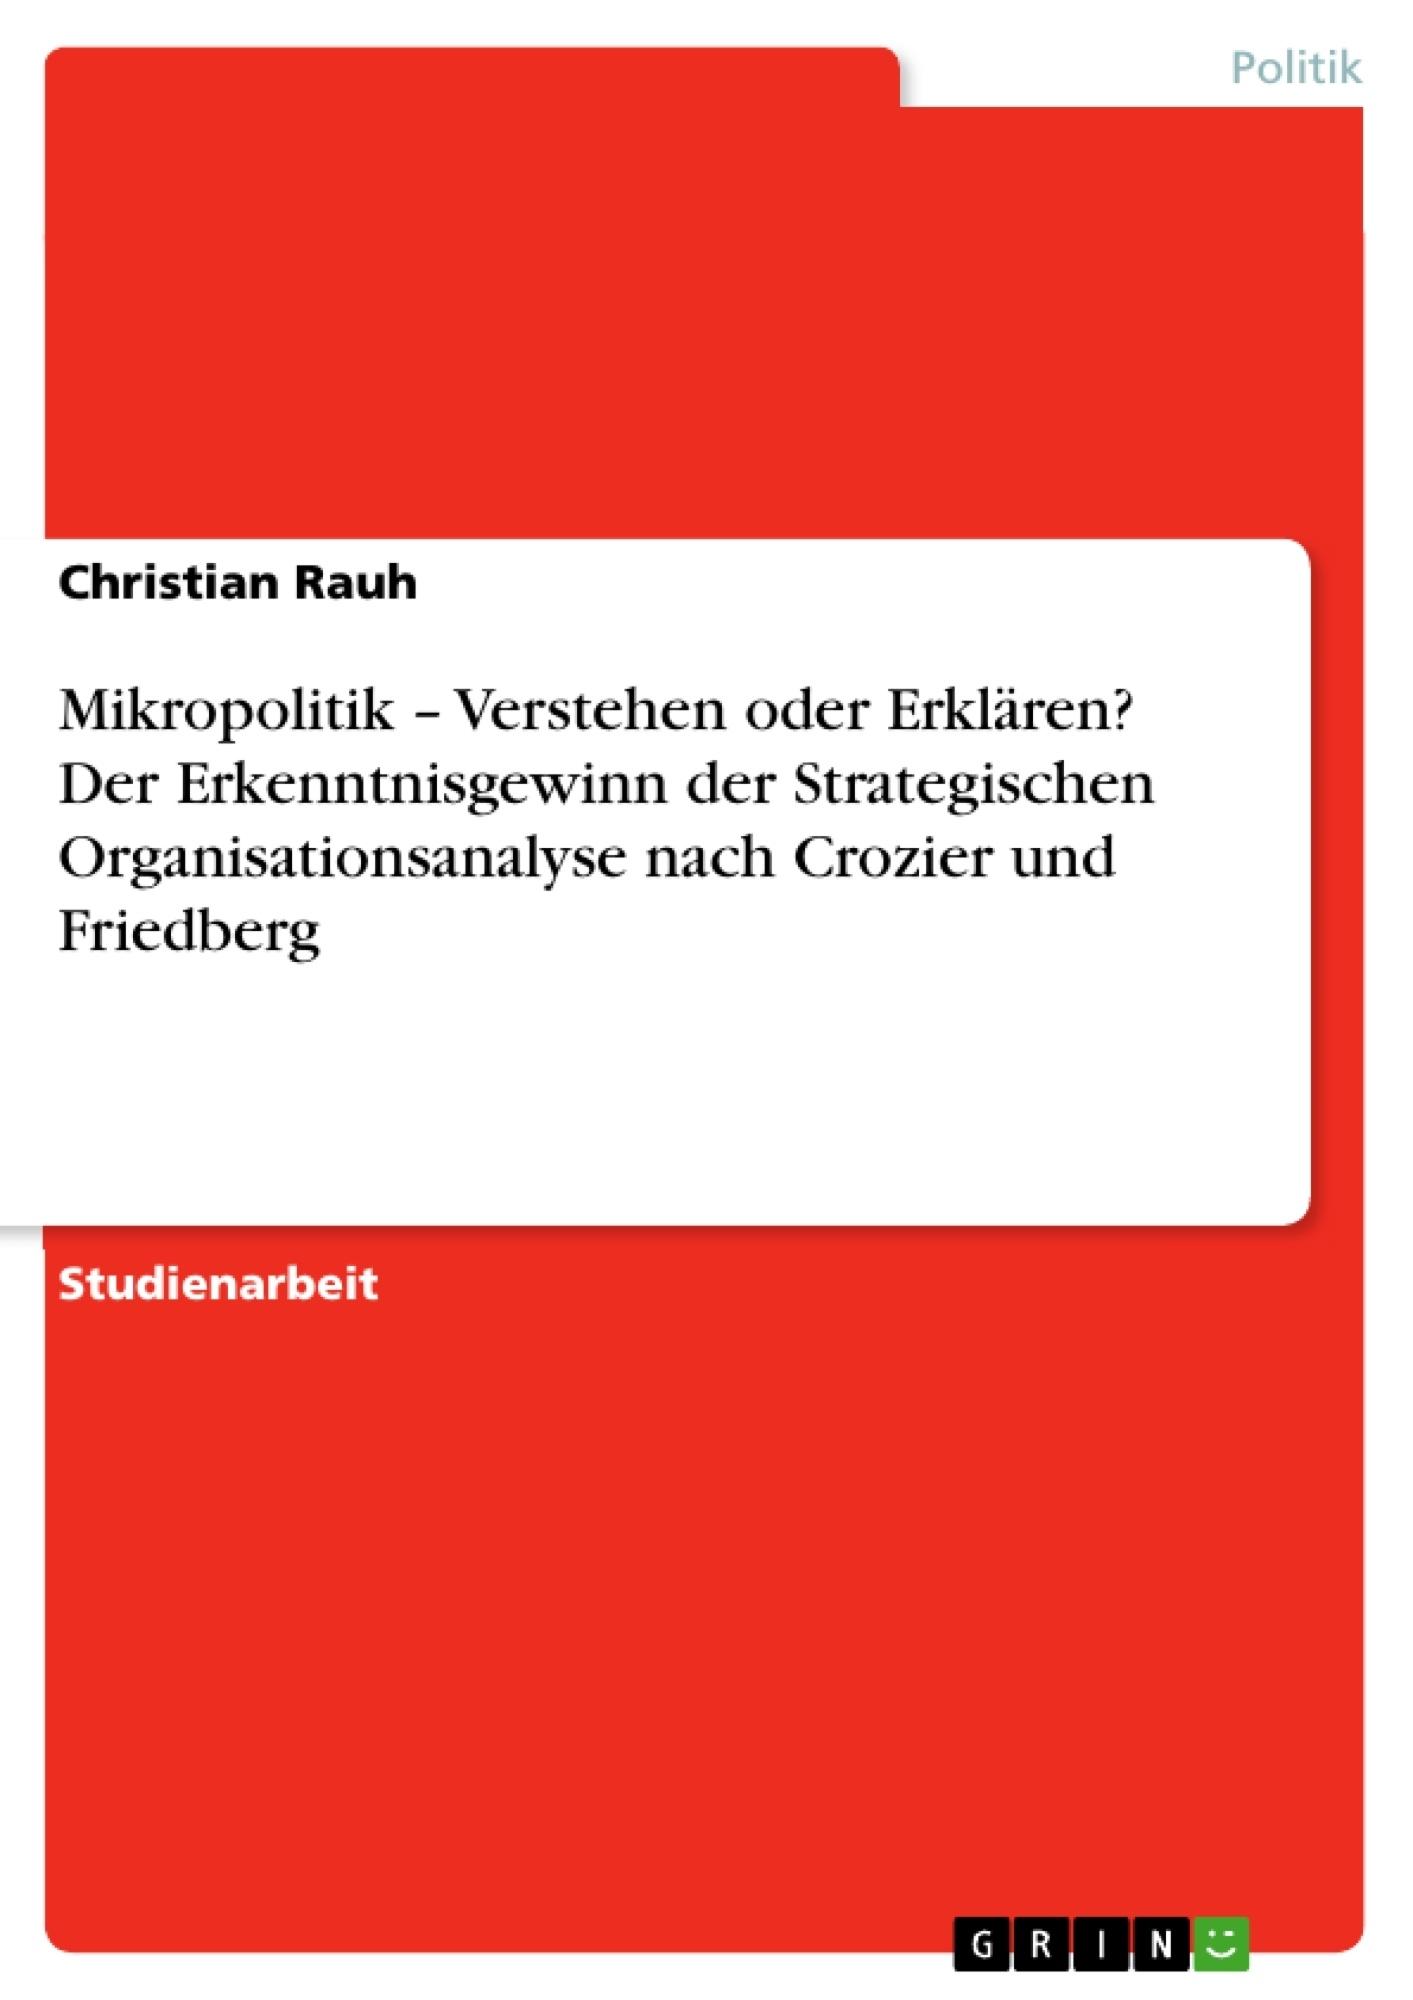 Titel: Mikropolitik – Verstehen oder Erklären? Der Erkenntnisgewinn der Strategischen Organisationsanalyse nach Crozier und Friedberg